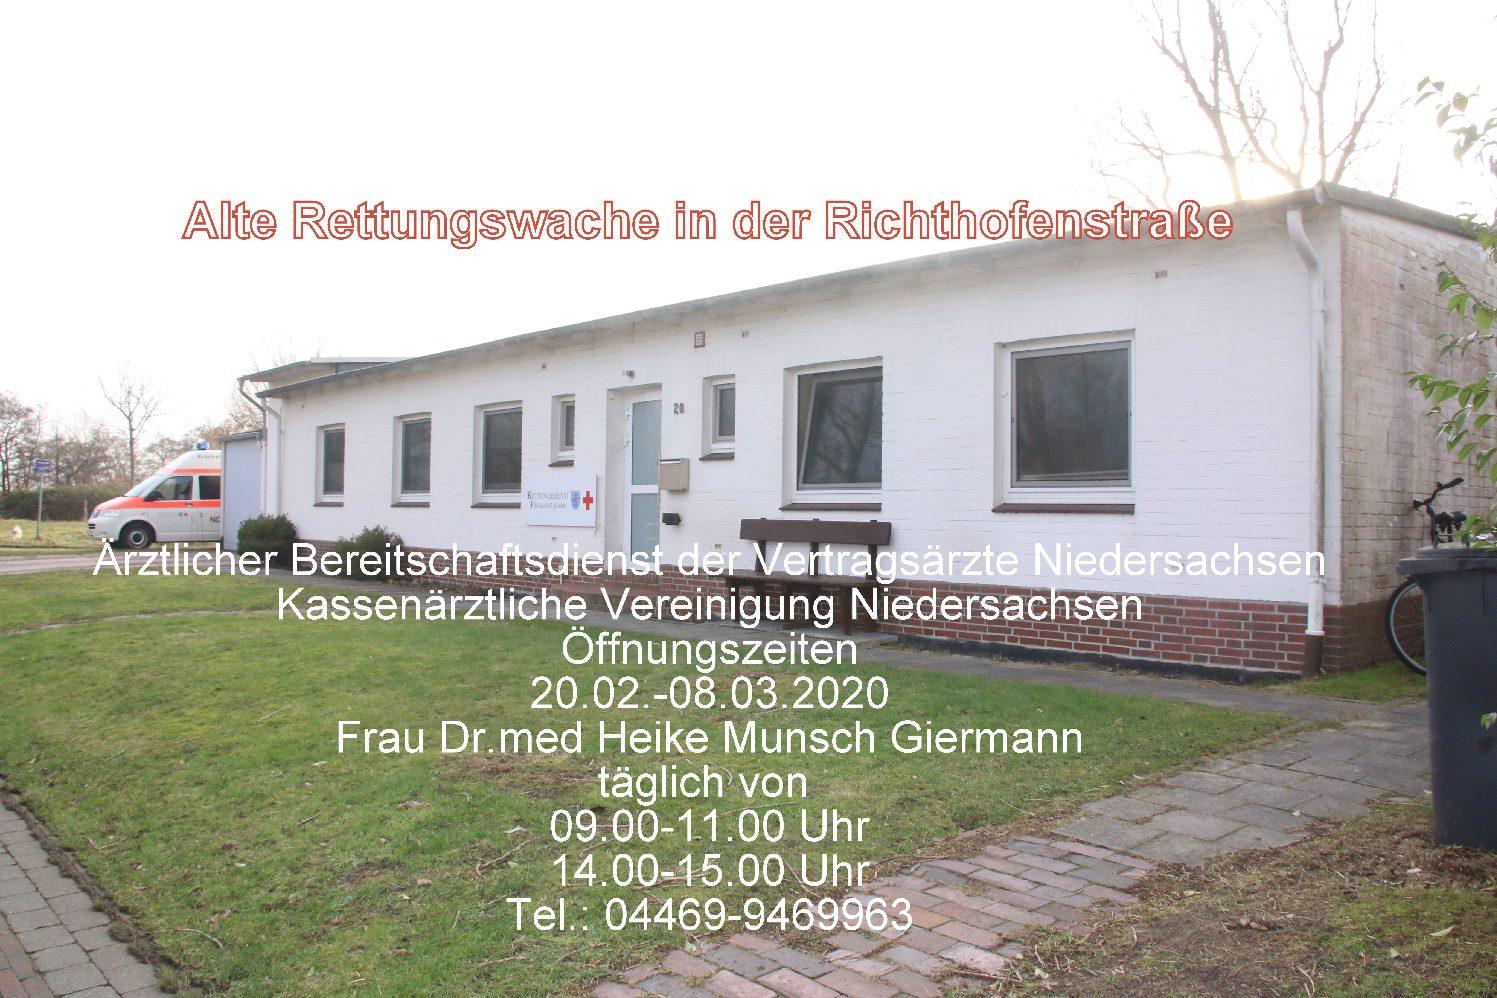 """Ärztlicher Bereitschaftsdienst der Kassenärztlichen Vereinigung in der """"Alten Rettungswache"""" 20.02.-08.03.20"""